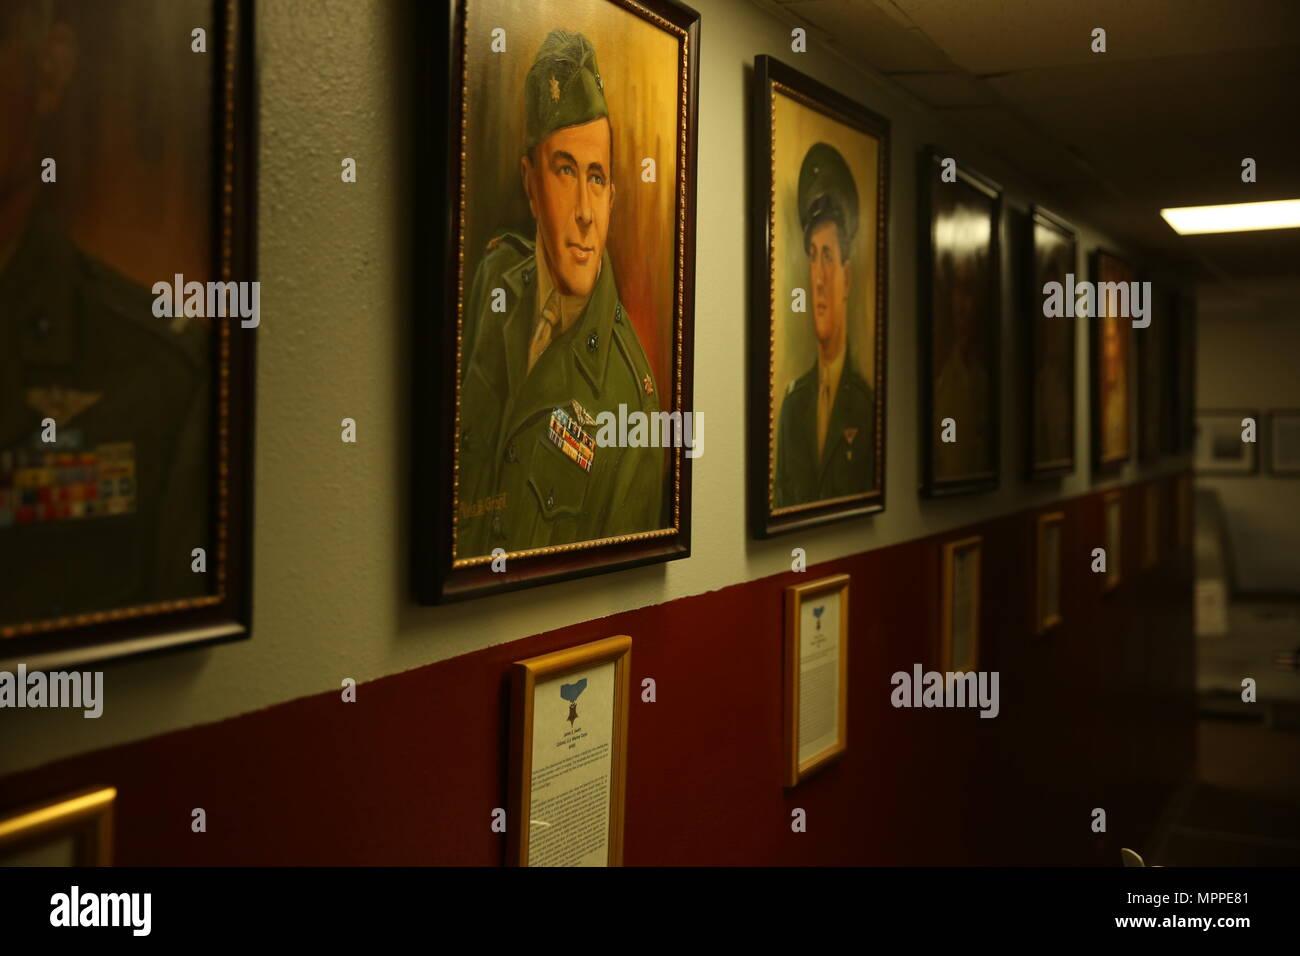 Le Musée de l'aviation vol Sapadalure affiche plusieurs portraits, dont cette peinture de la Seconde Guerre mondiale, Marine Corps fighter pilot Colonel James E. Swett, une médaille d'honneur du récipiendaire. The Flying Sapadalure est le seul musée de l'Aviation du Corps des Marines et a été fondée le 1er avril 1999. (U.S. Marine Corps photo par le Sgt. David Bickel/libérés) Banque D'Images